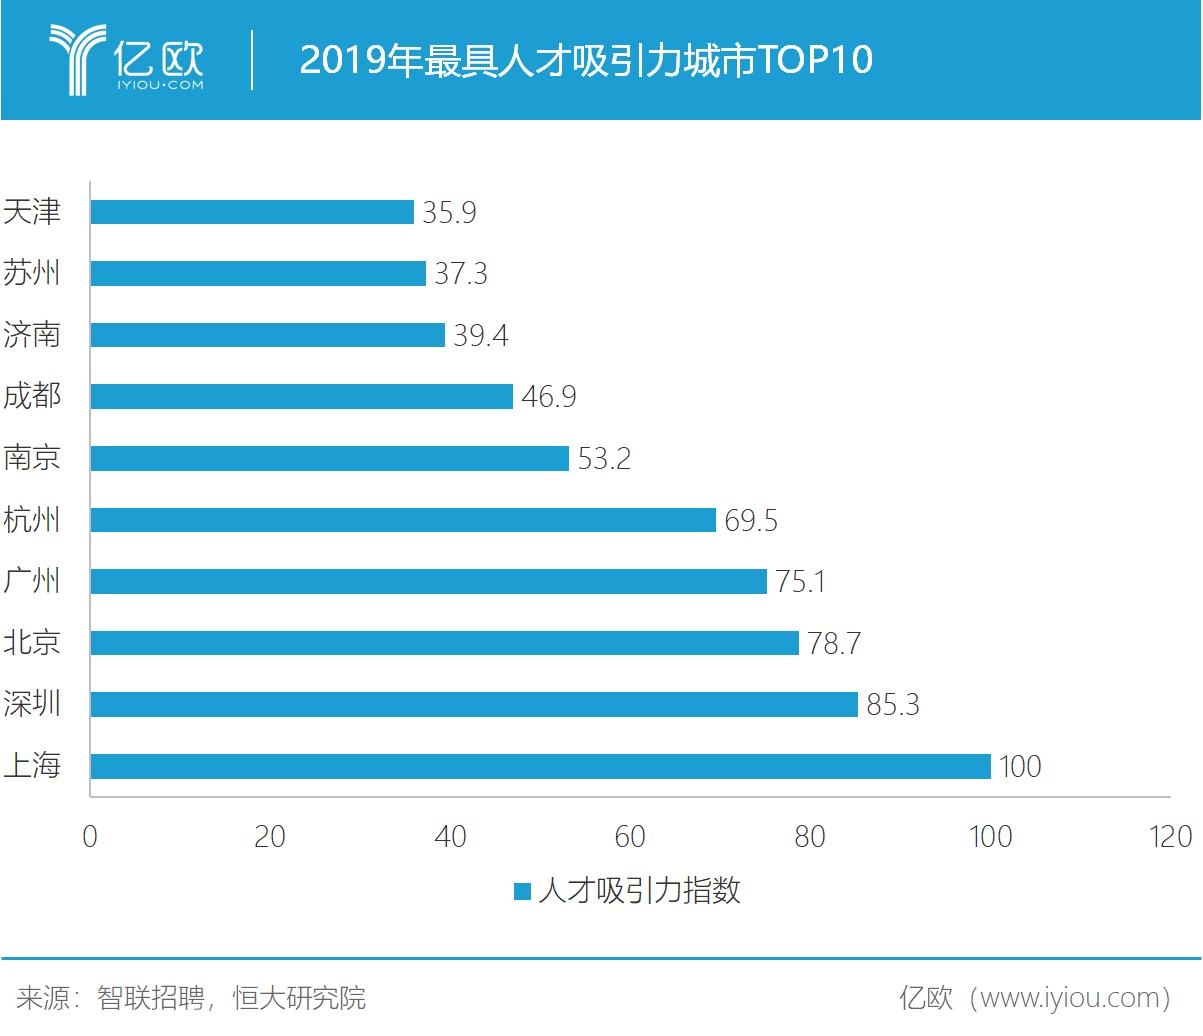 中国最具人才吸引力城市100强